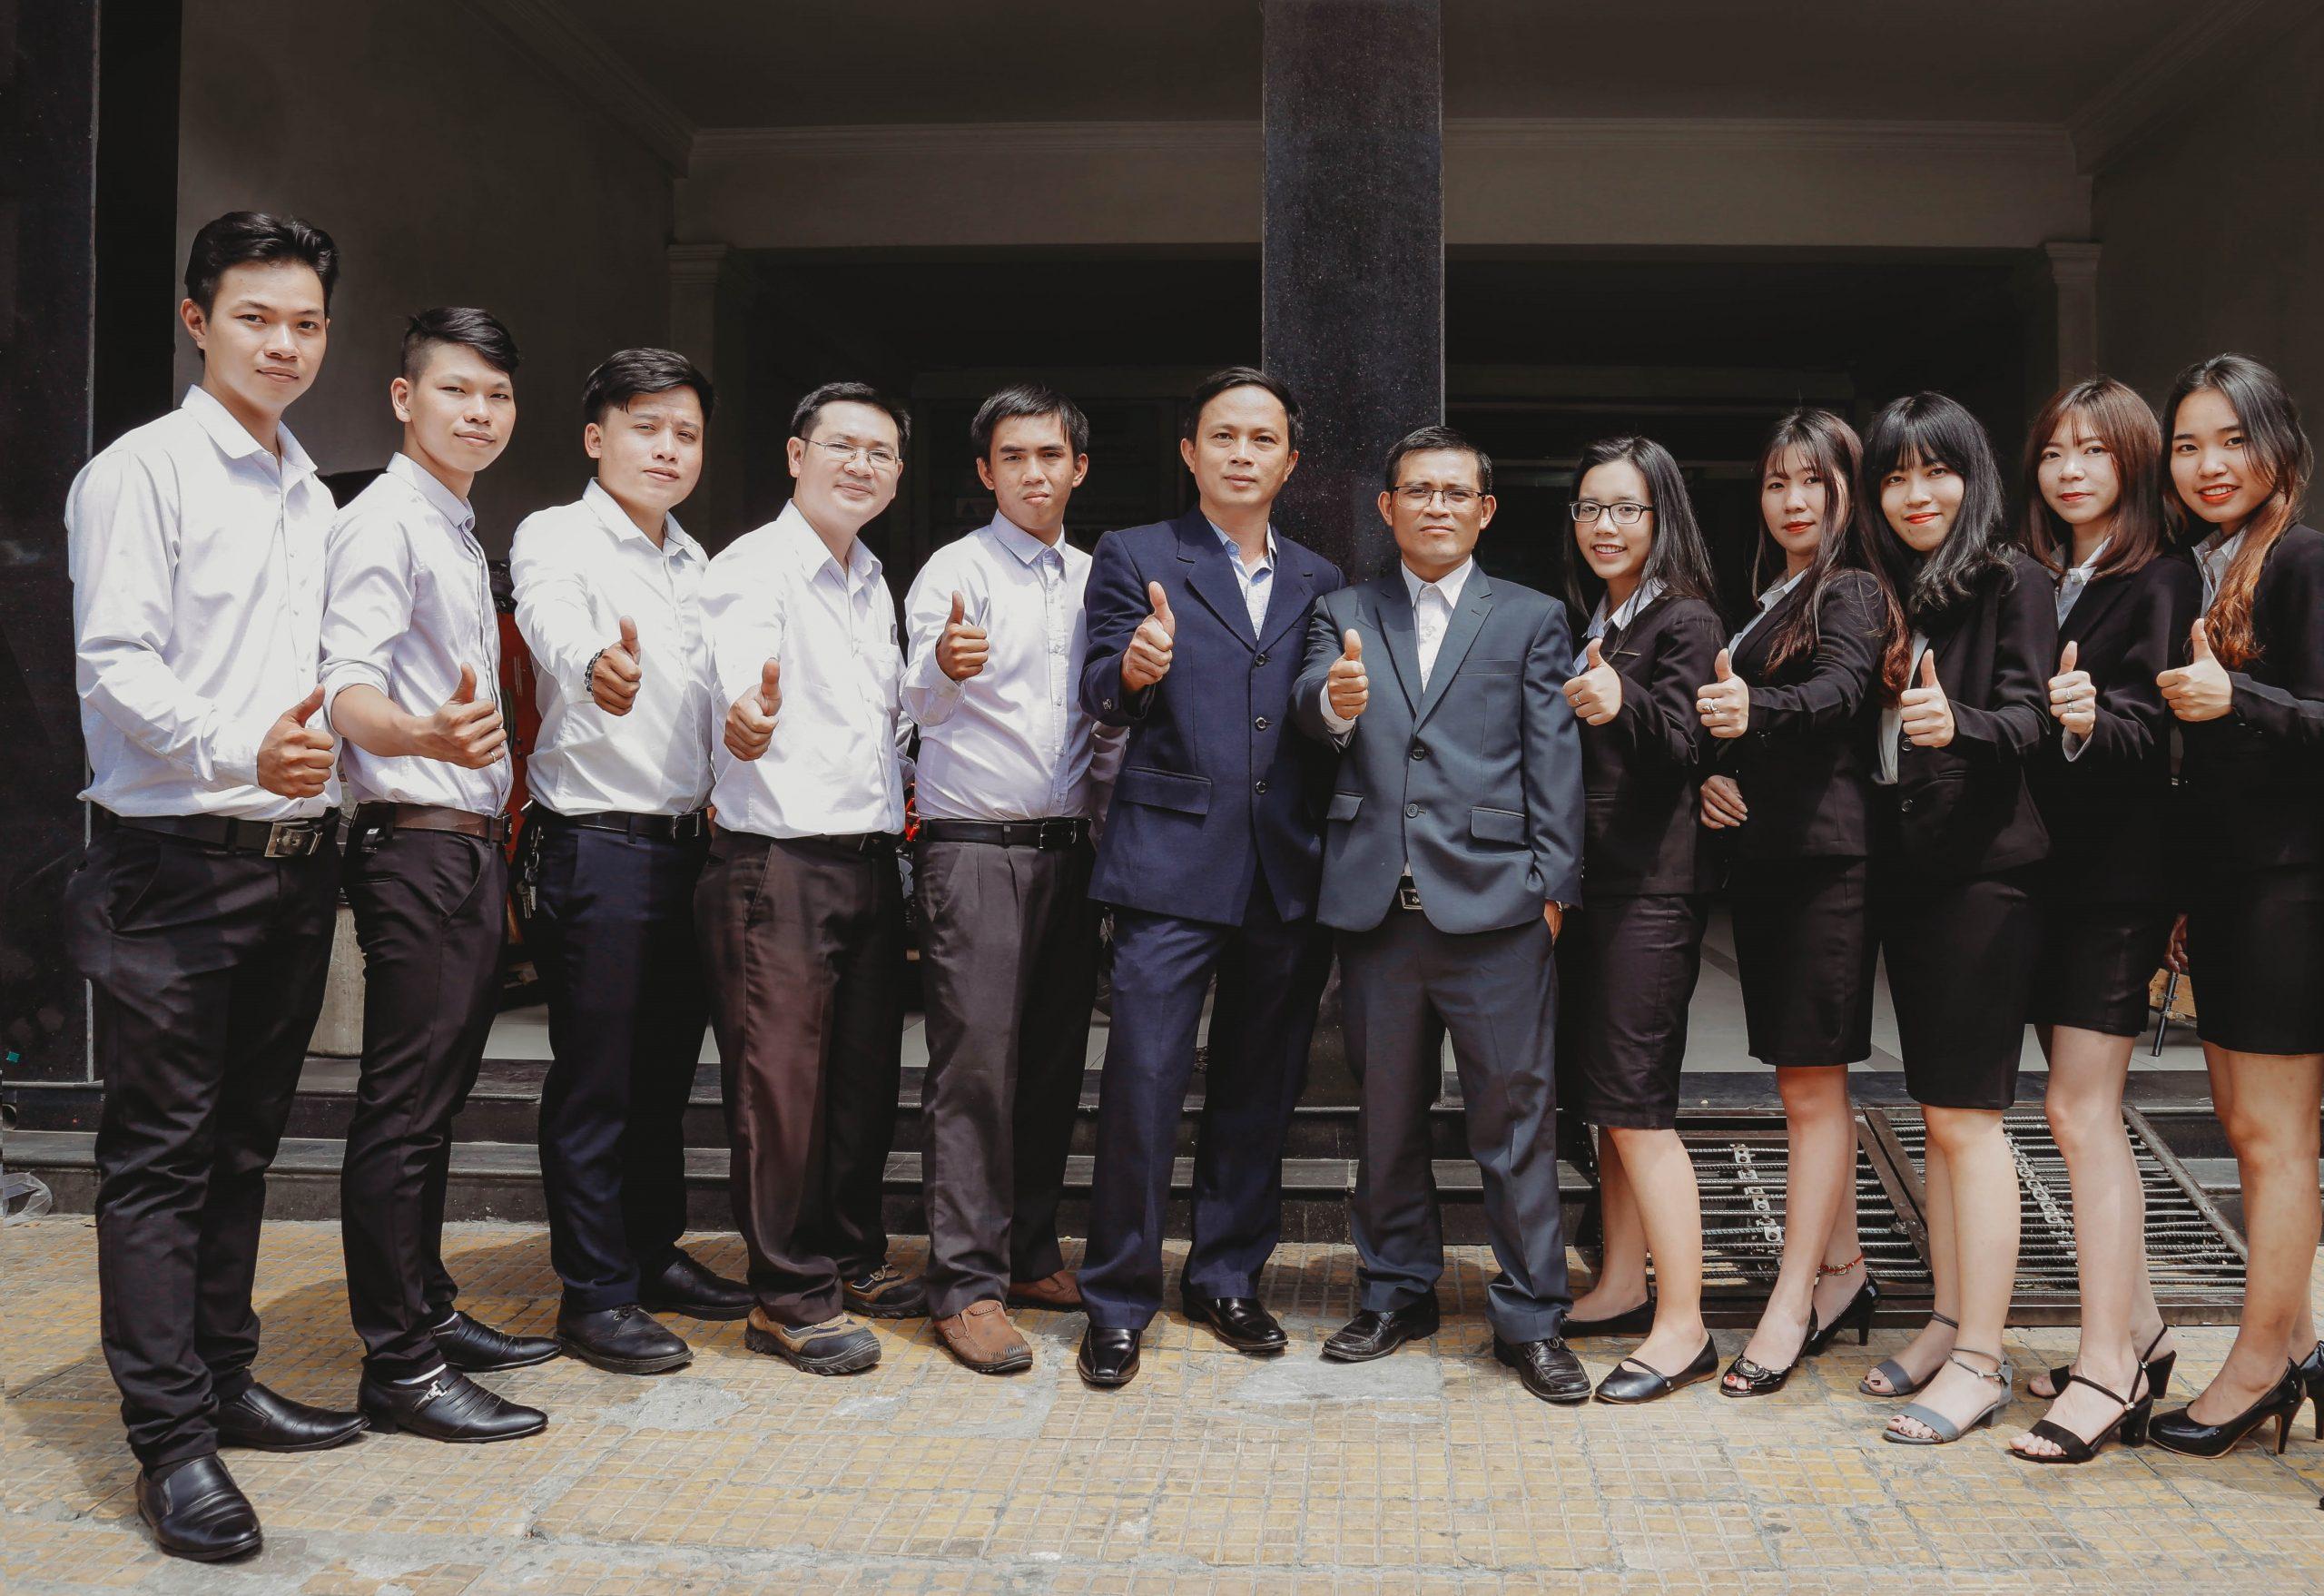 Dịch Vụ Đăng Ký Thành Lập Công Ty Trọn Gói TPHCM, Dịch vụ thành lập công ty trọn gói tại Tphcm